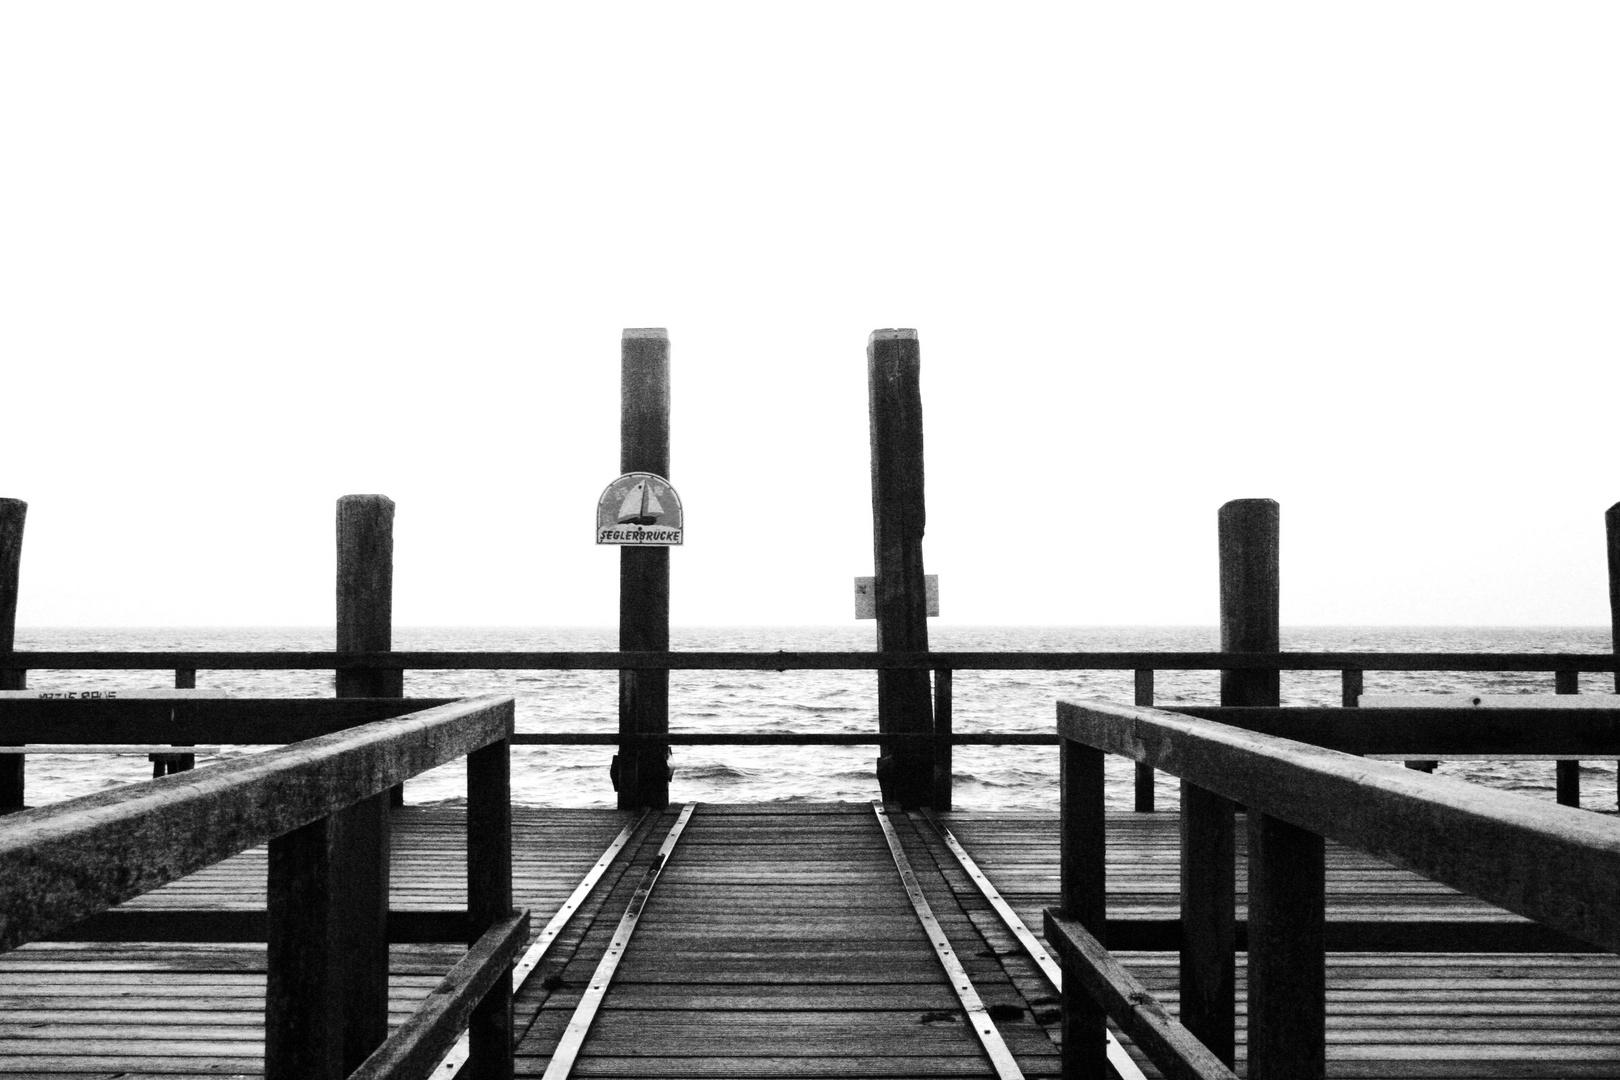 Am Ende ist das Meer